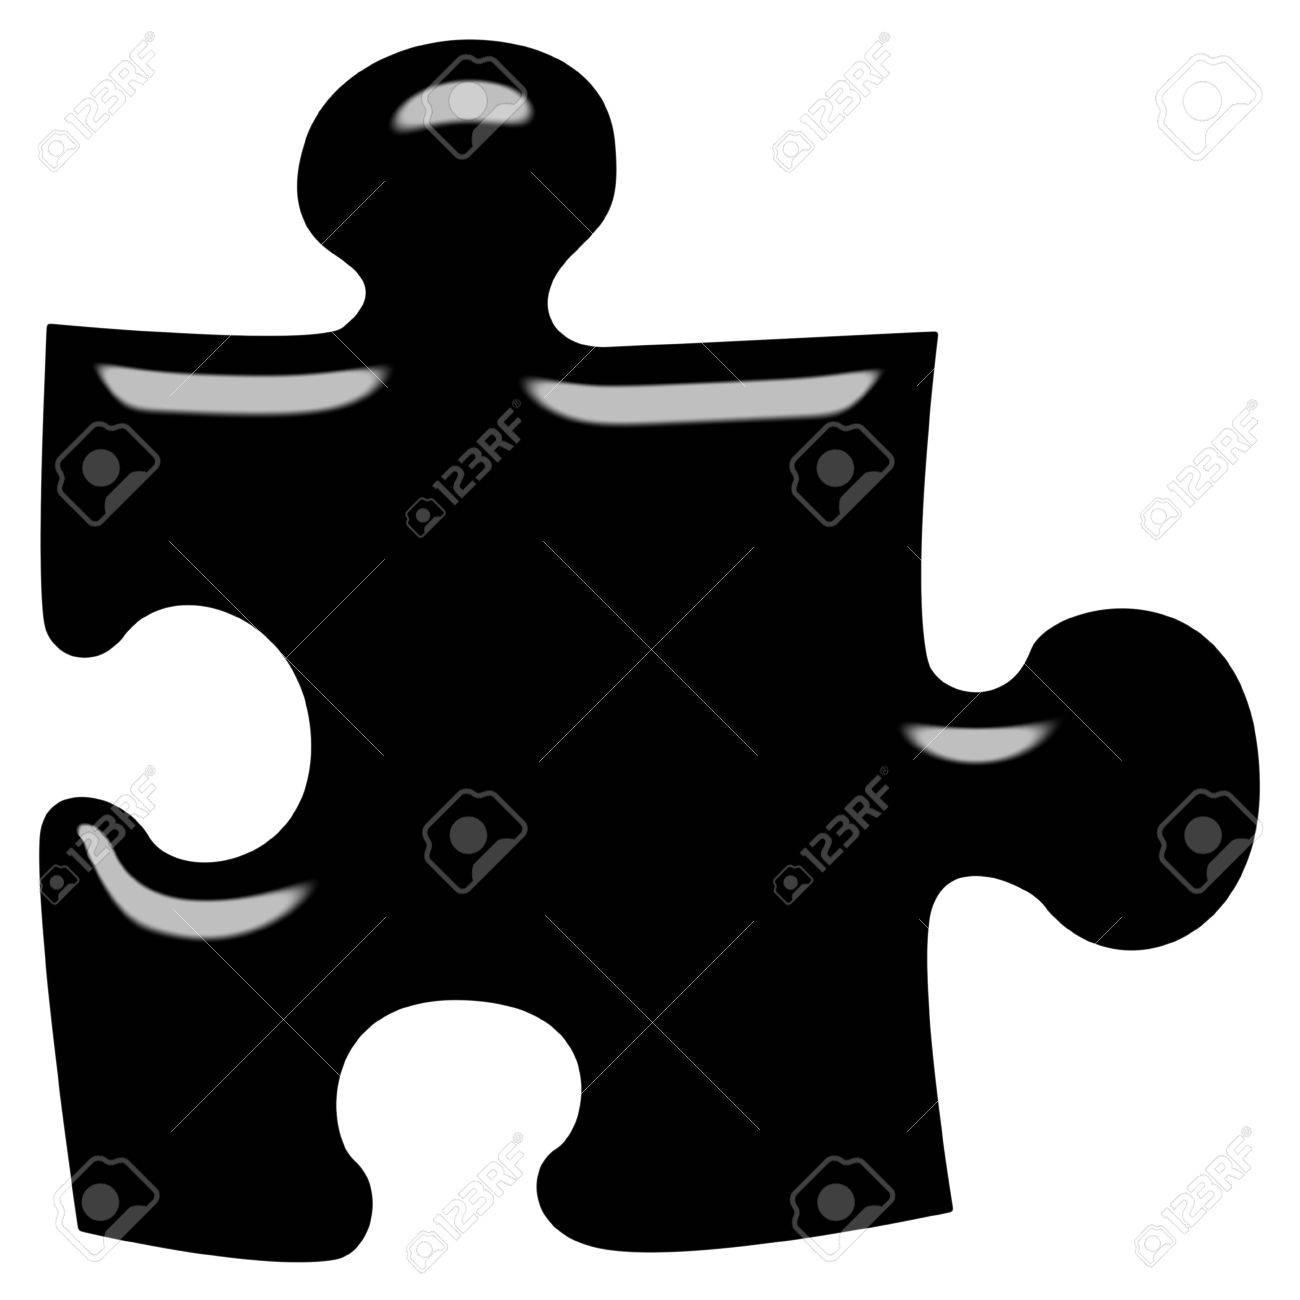 3d puzzle piece Stock Photo - 7438089